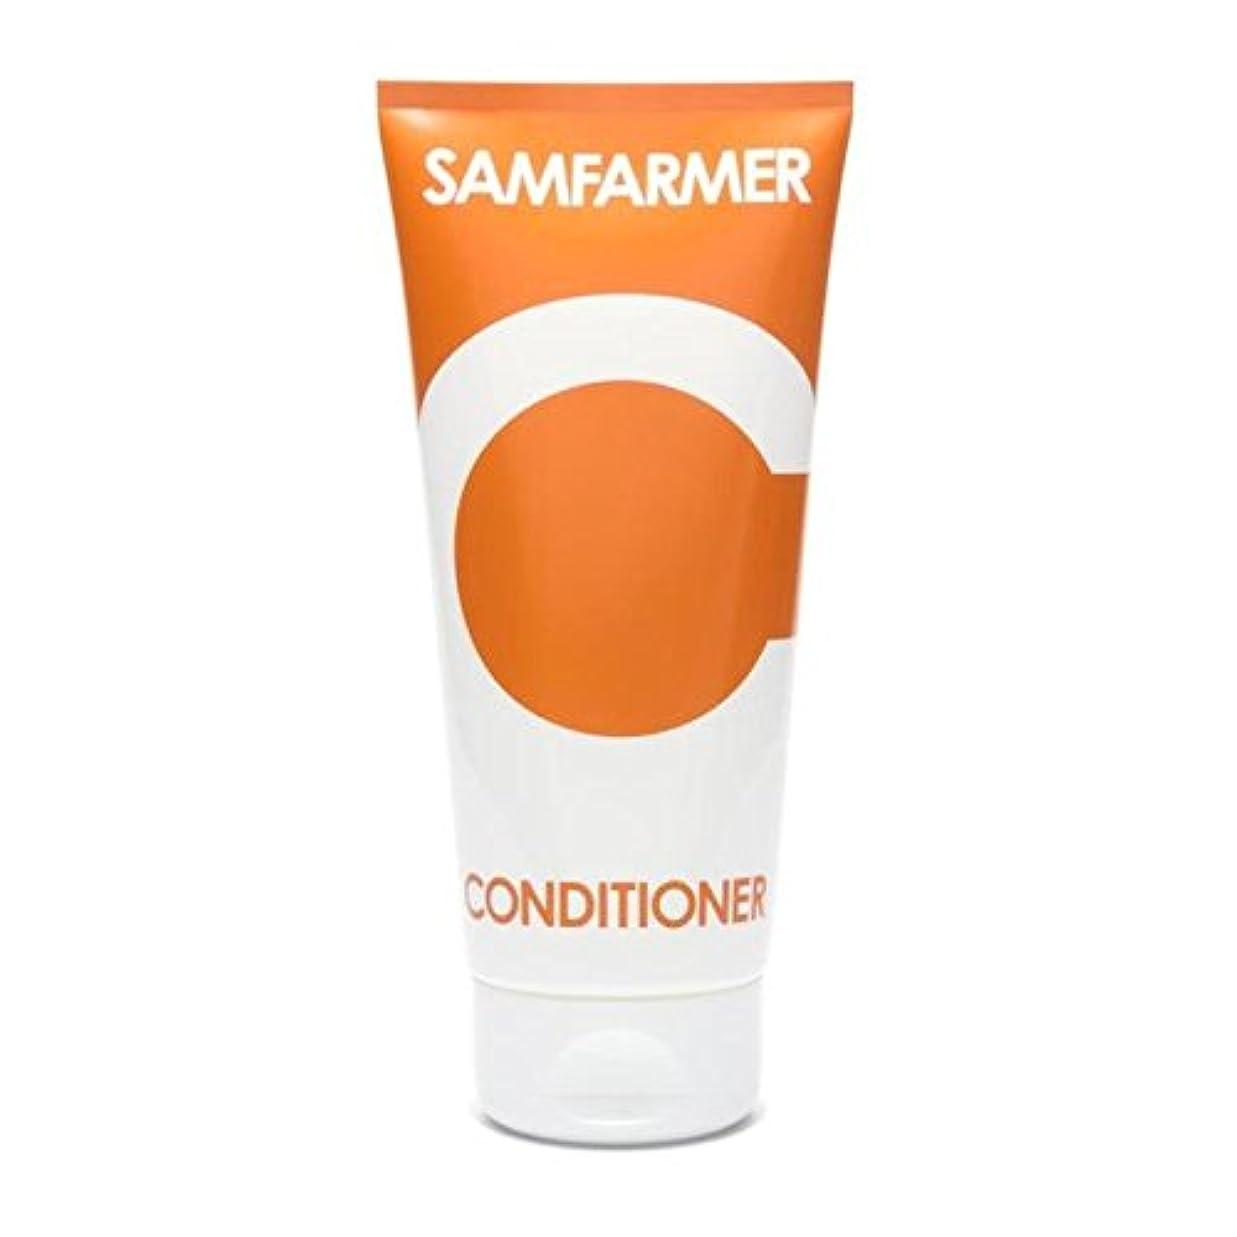 コンサルタント白いタイムリーなSAMFARMER Unisex Conditioner 200ml - ユニセックスコンディショナー200 [並行輸入品]